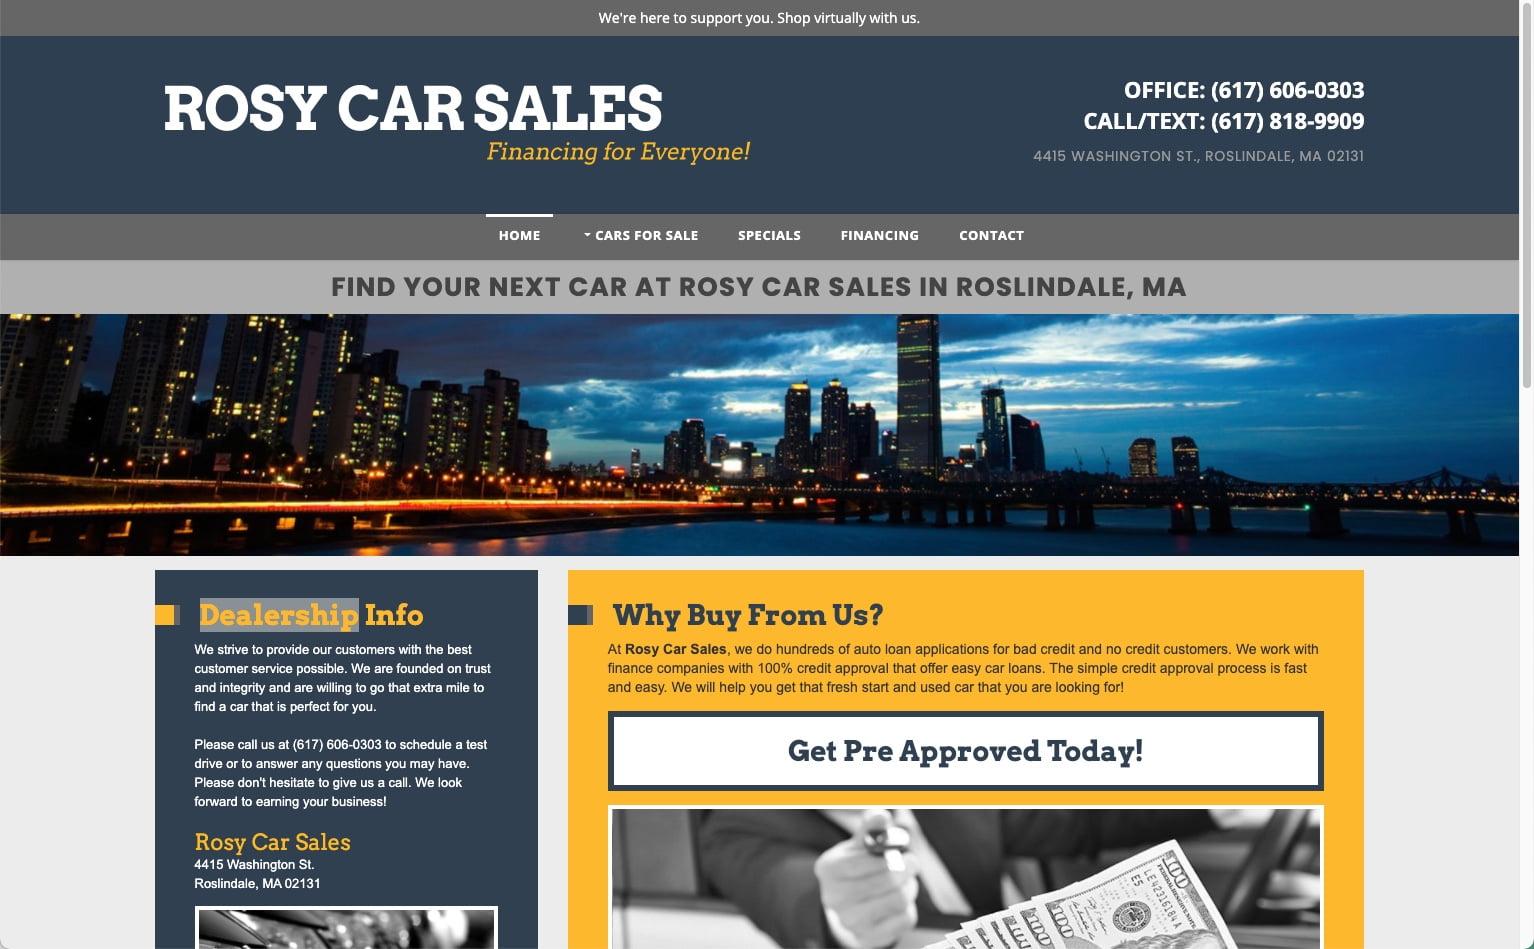 Rosy Car Sales